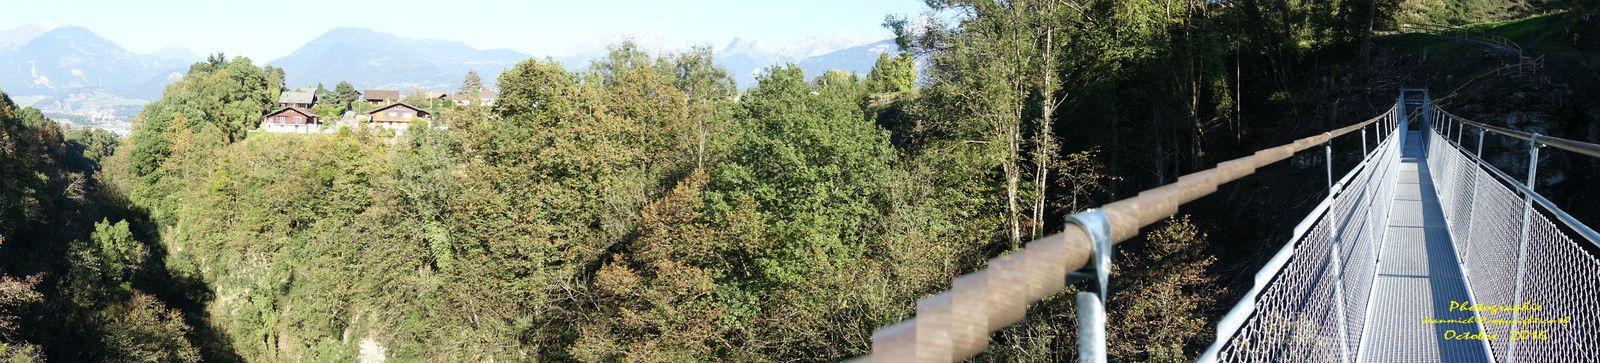 Une passerelle sur la Vièze sur les hauts de Monthey